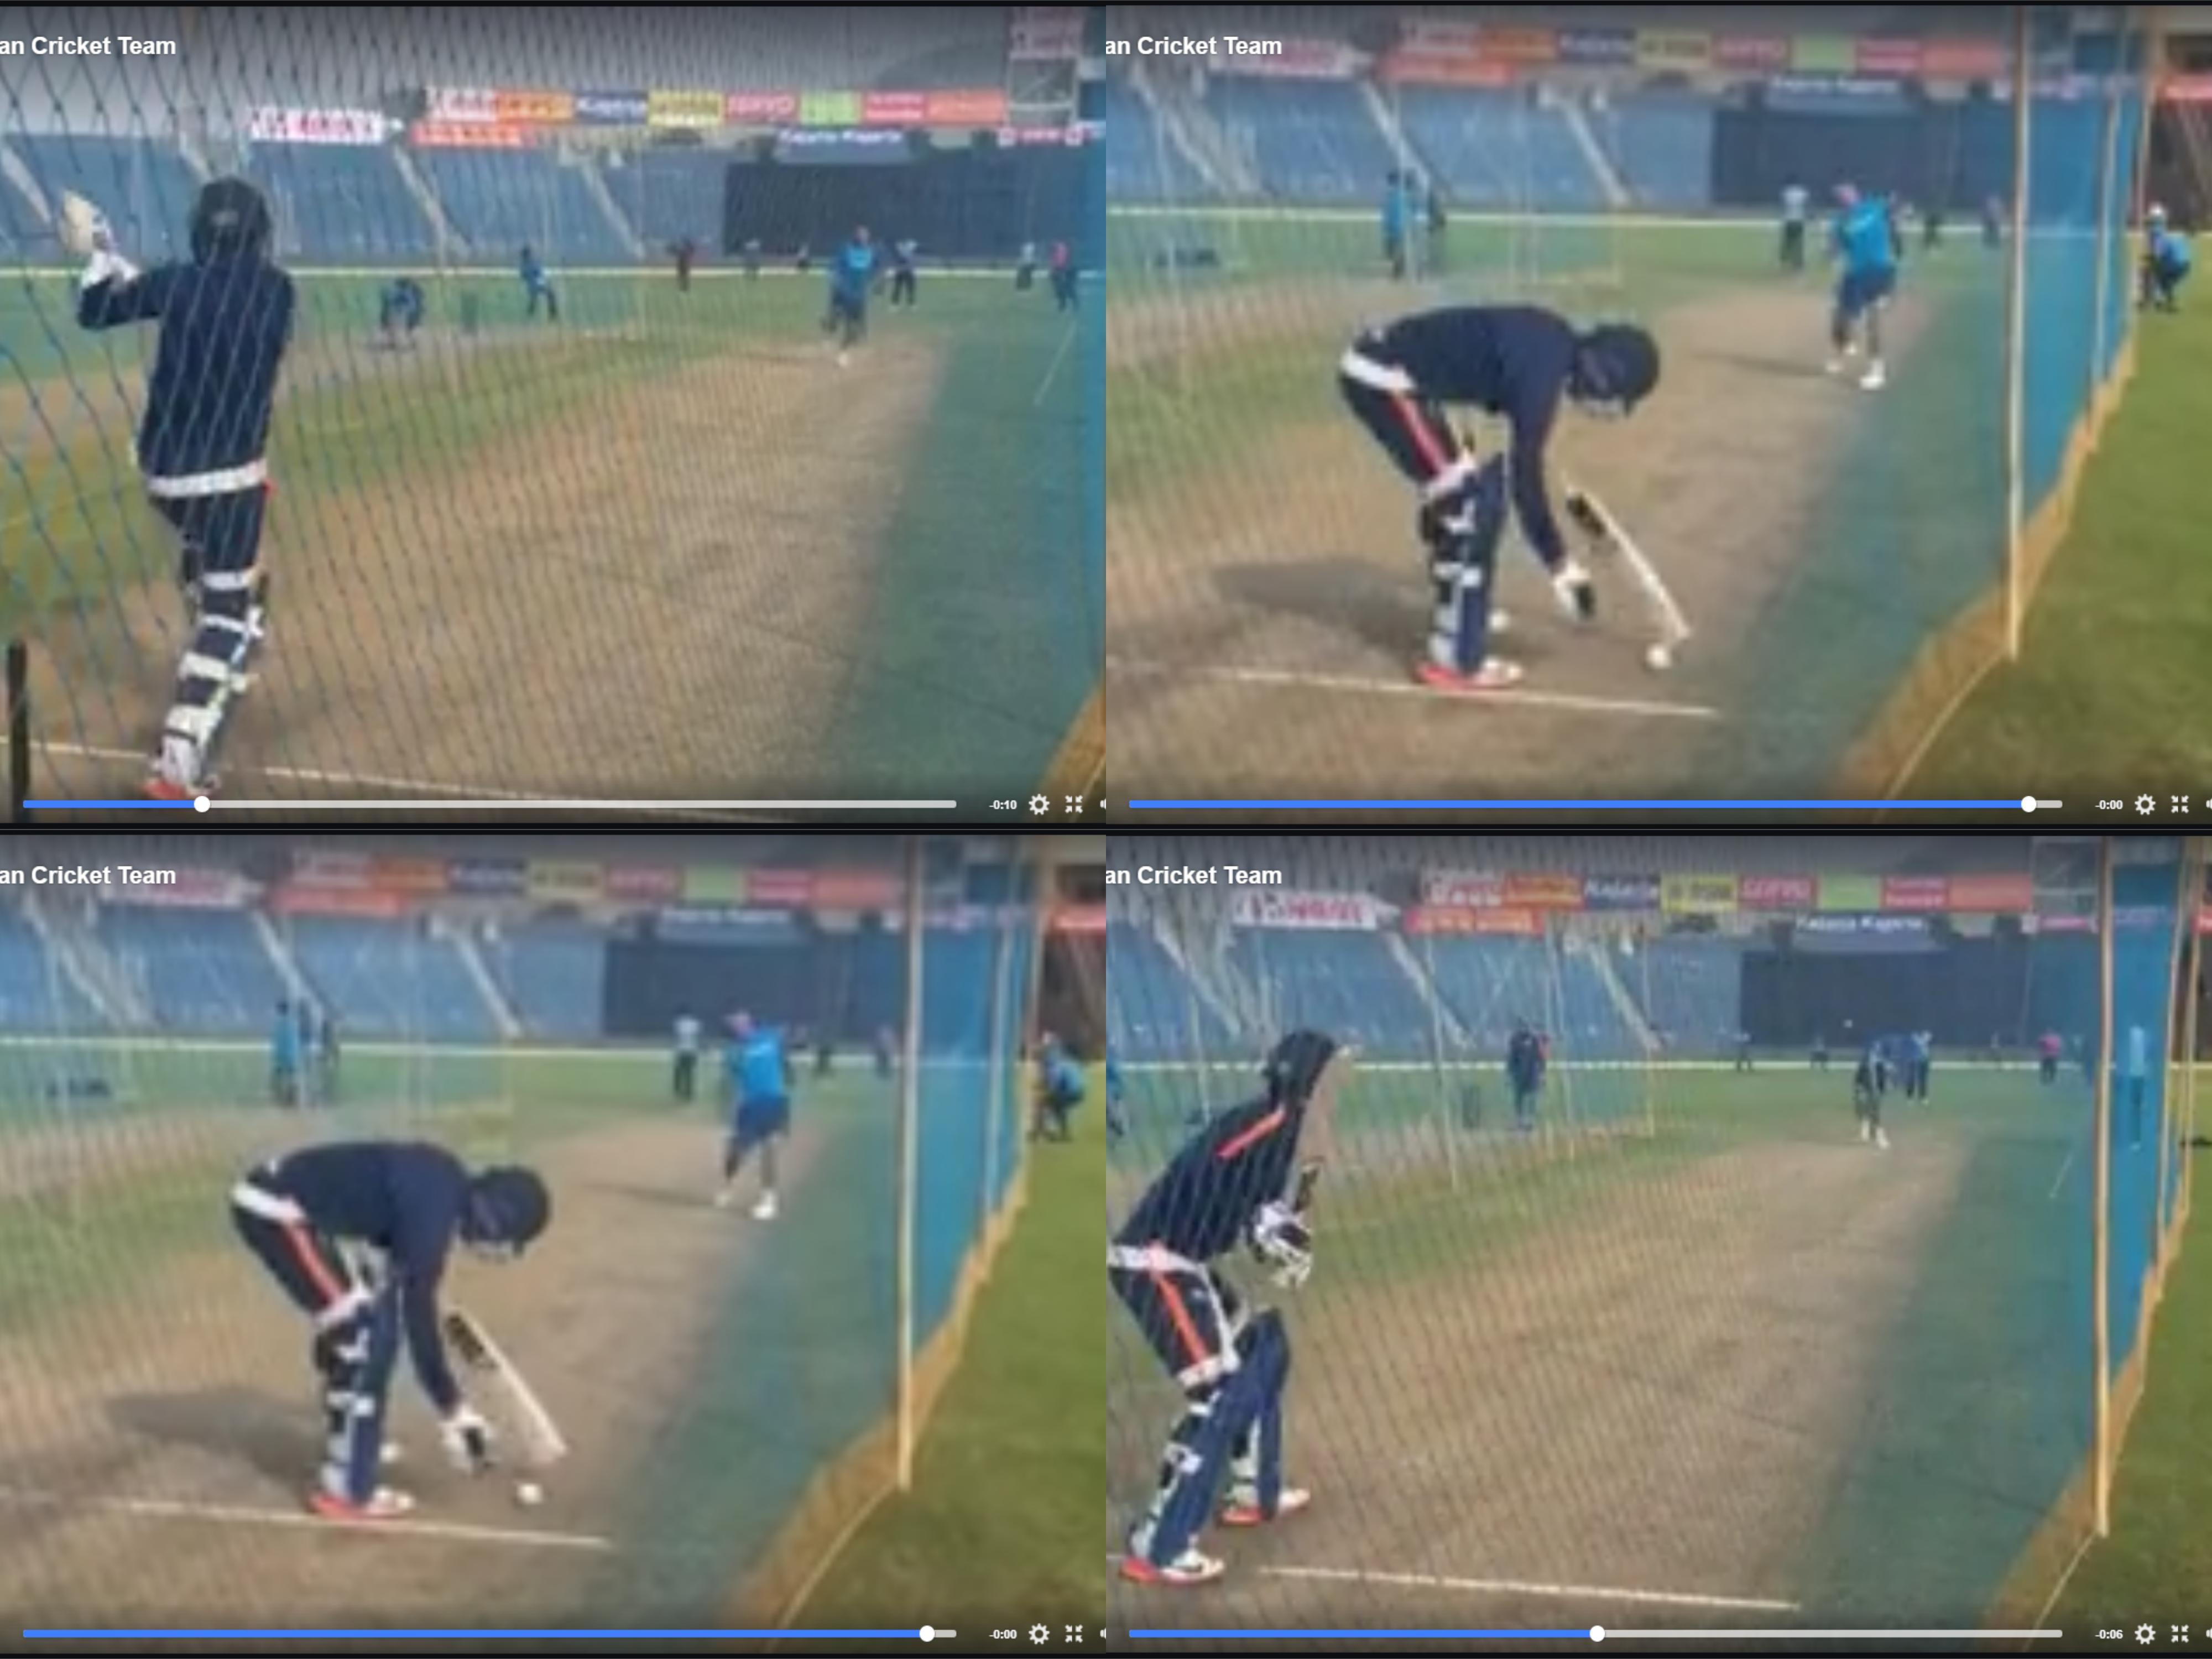 वीडियो: धोनी ने दिखाया गेंदबाजी में भी जौहर, मनीष पाण्डेय को बोल्ड कर अभ्यास के दौरान कुछ इस अंदाज में मनाया जश्न 20